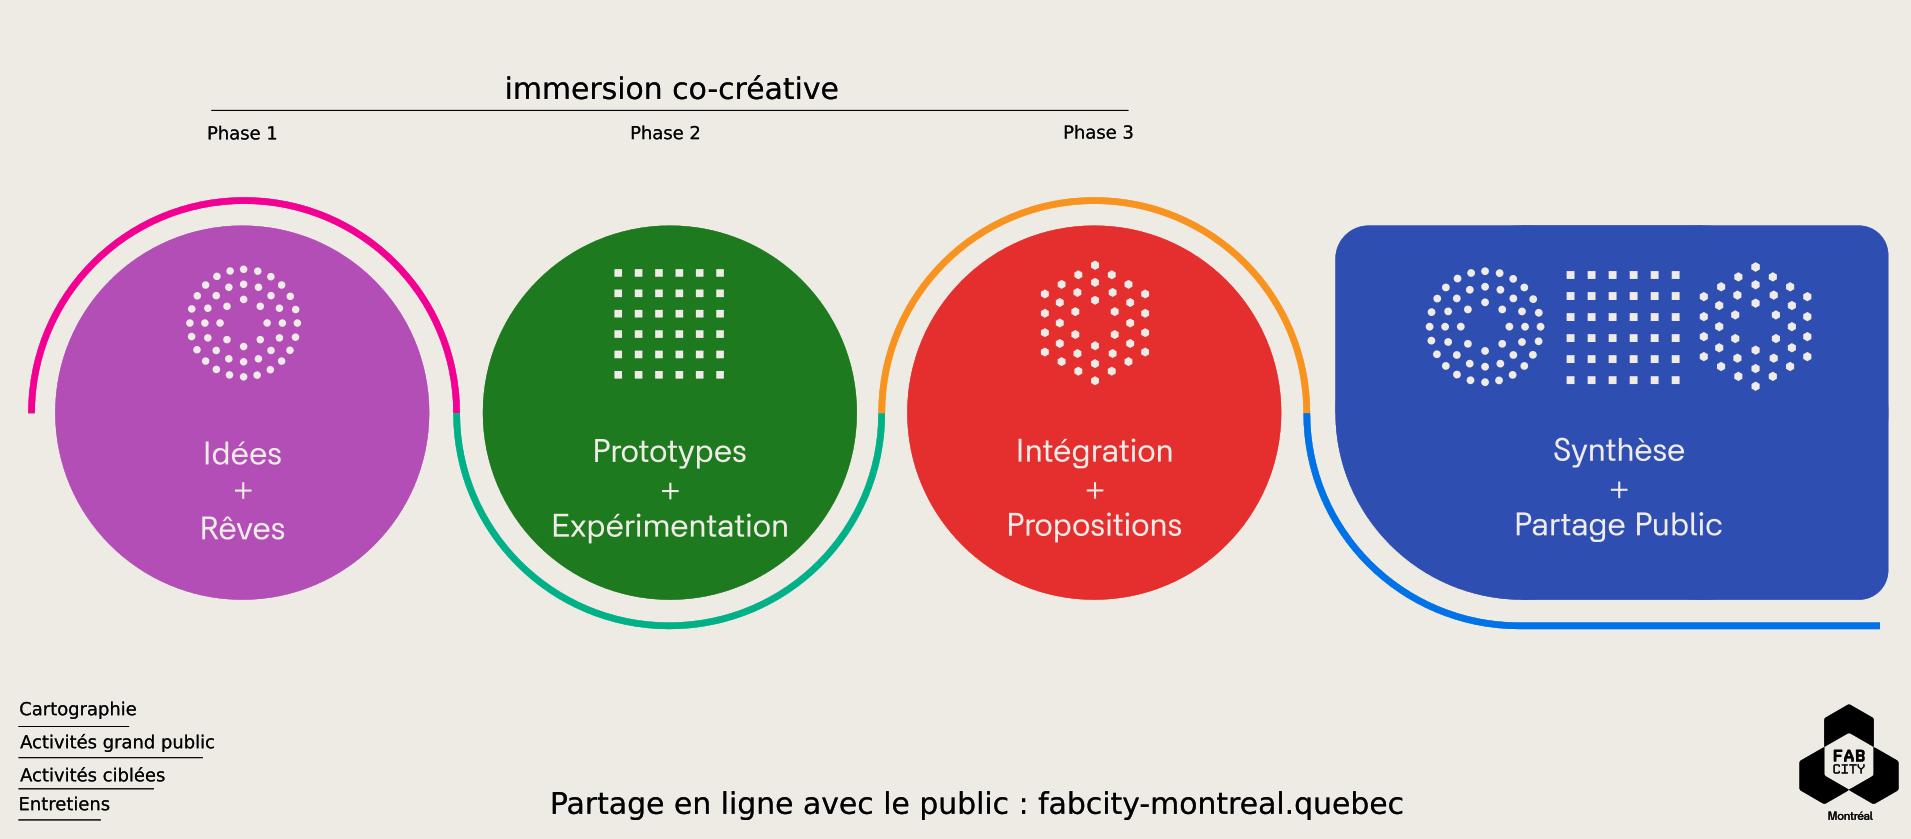 Les phases du processus de codesign de Fab City Montréal